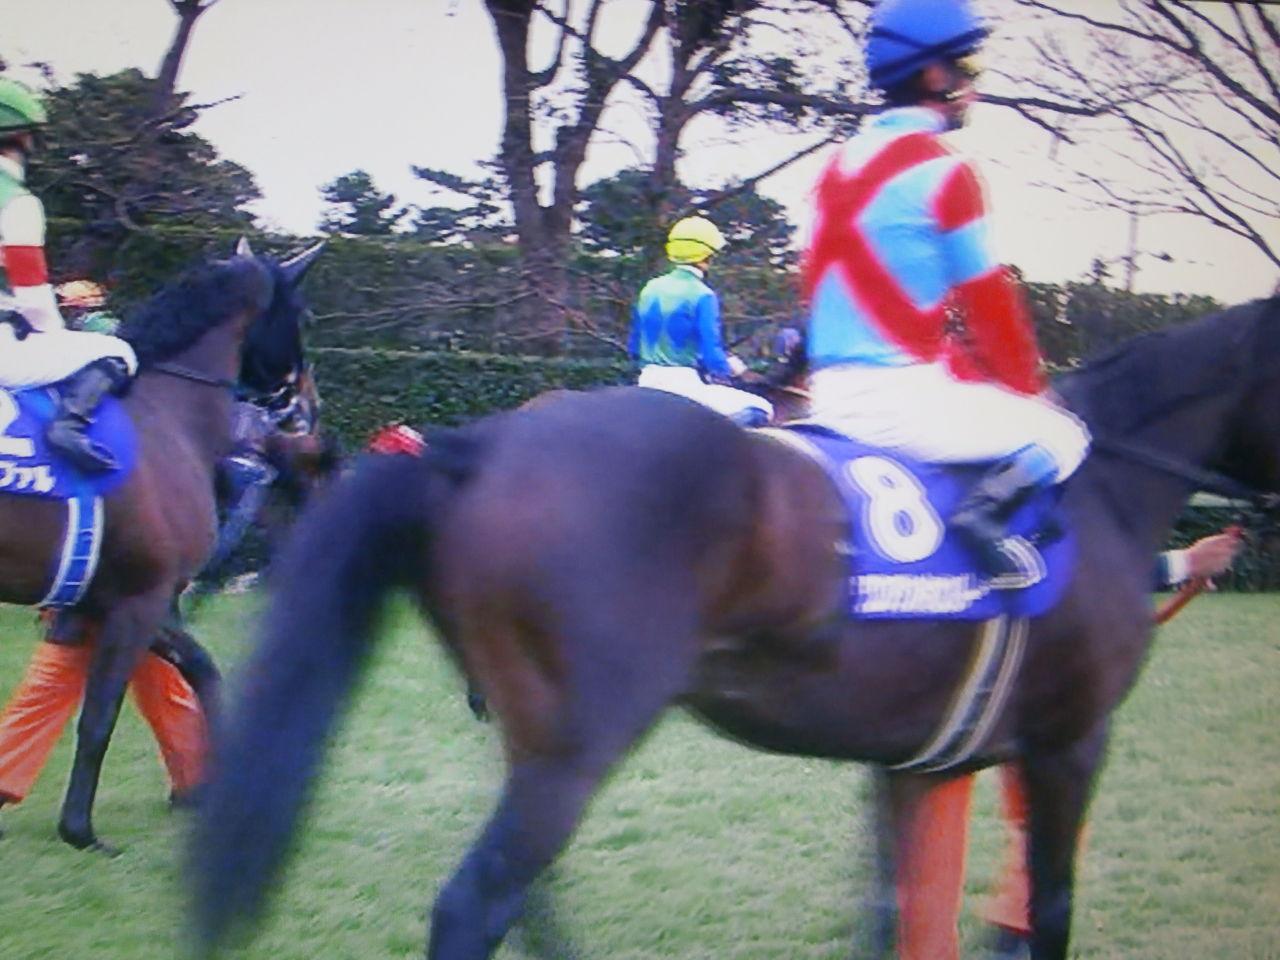 追求・投資生活(JRA・競艇編)  有馬記念はゴールドアクター完勝 吉田隼人はGⅠ初勝利おめでとう / ゴールドシップの引退はJRAの「一大エポック(褒めすぎではありません)」と言い切りますコメント